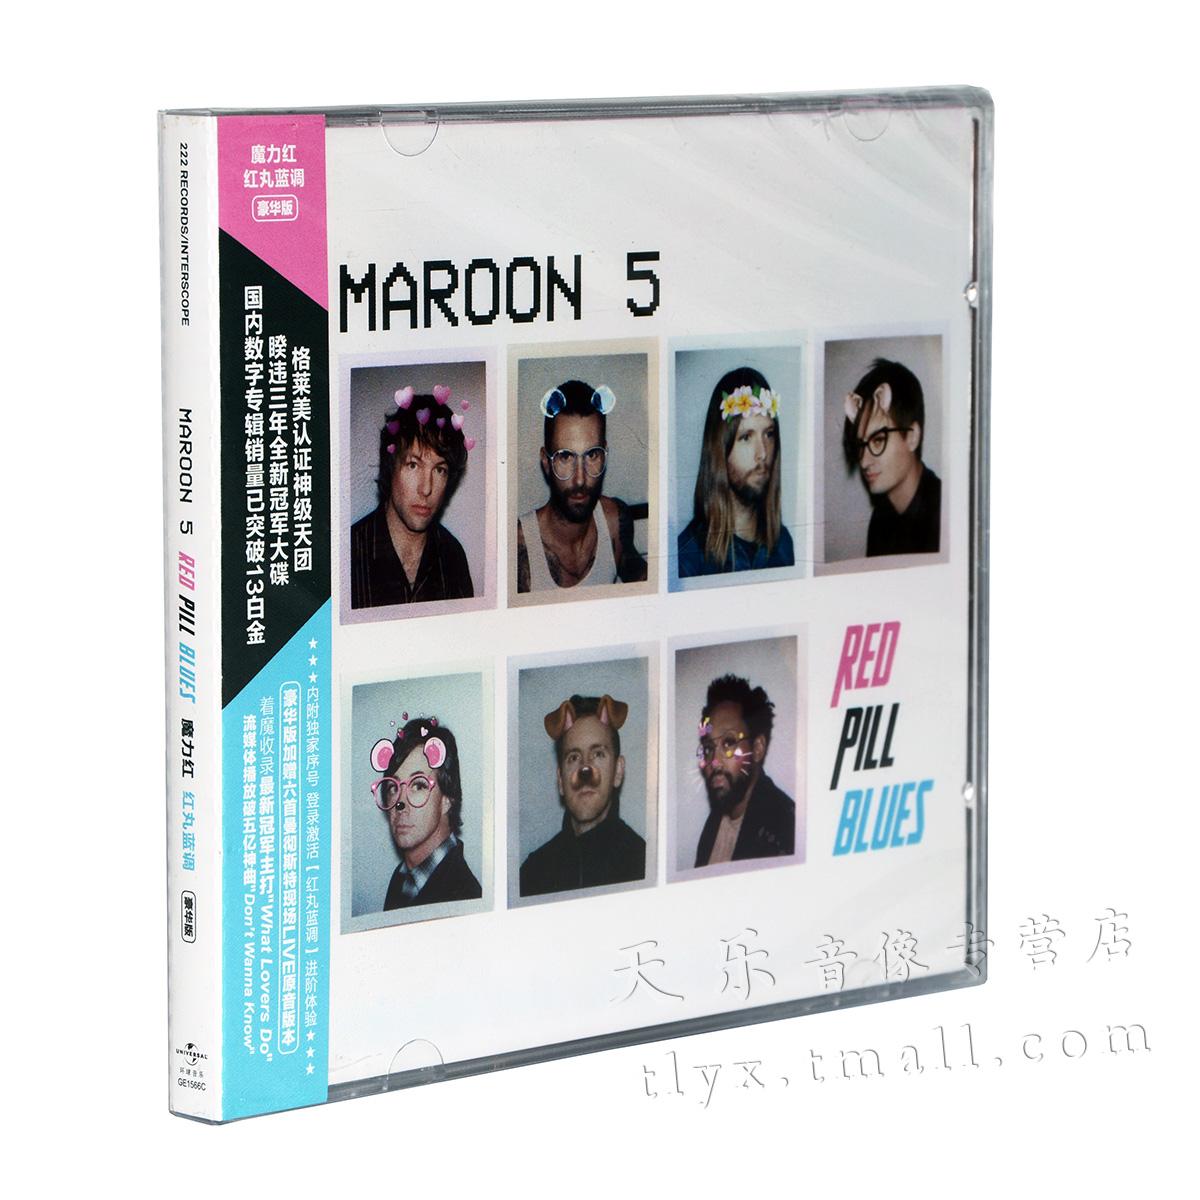 正版 Maroon 5 Red Pill Blues 魔力红专辑 红丸蓝调 豪华版 2CD